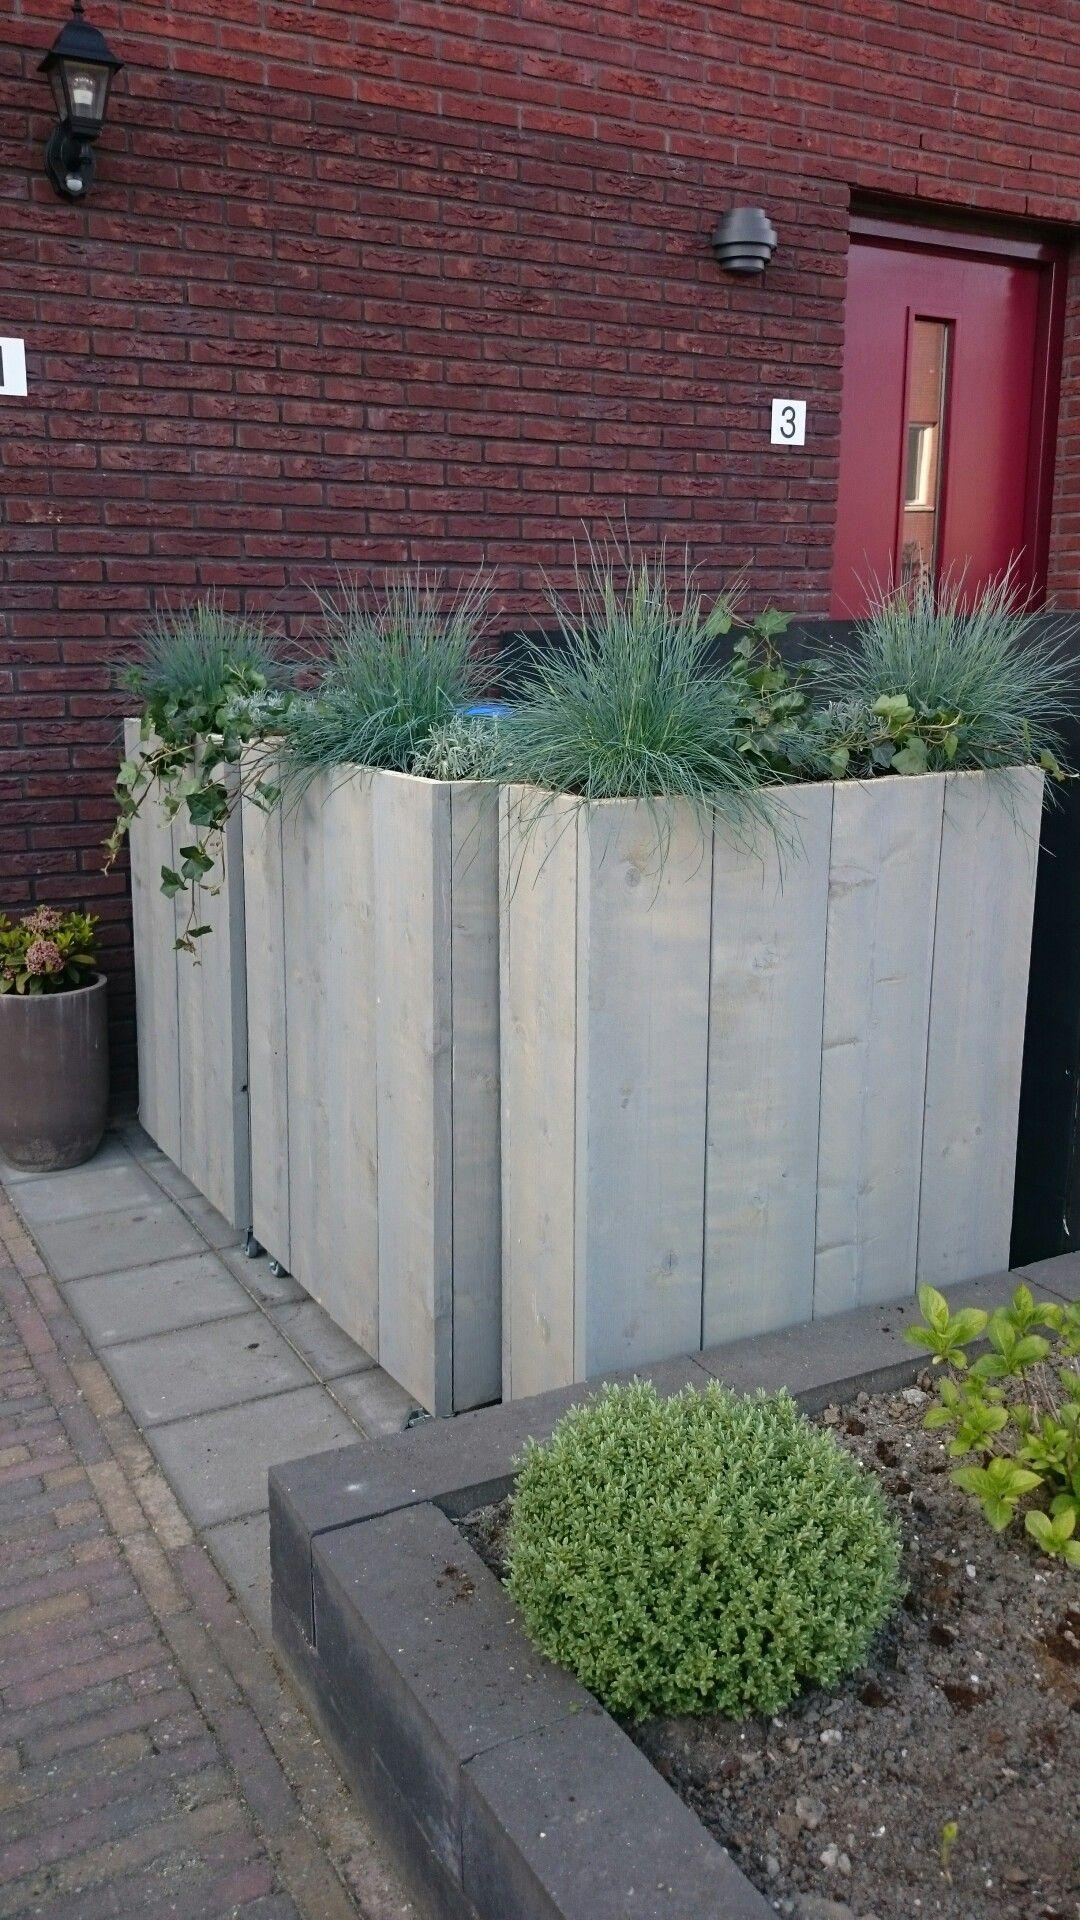 Hoge verrijdbare plantenbakken als afscheiding voor de containers